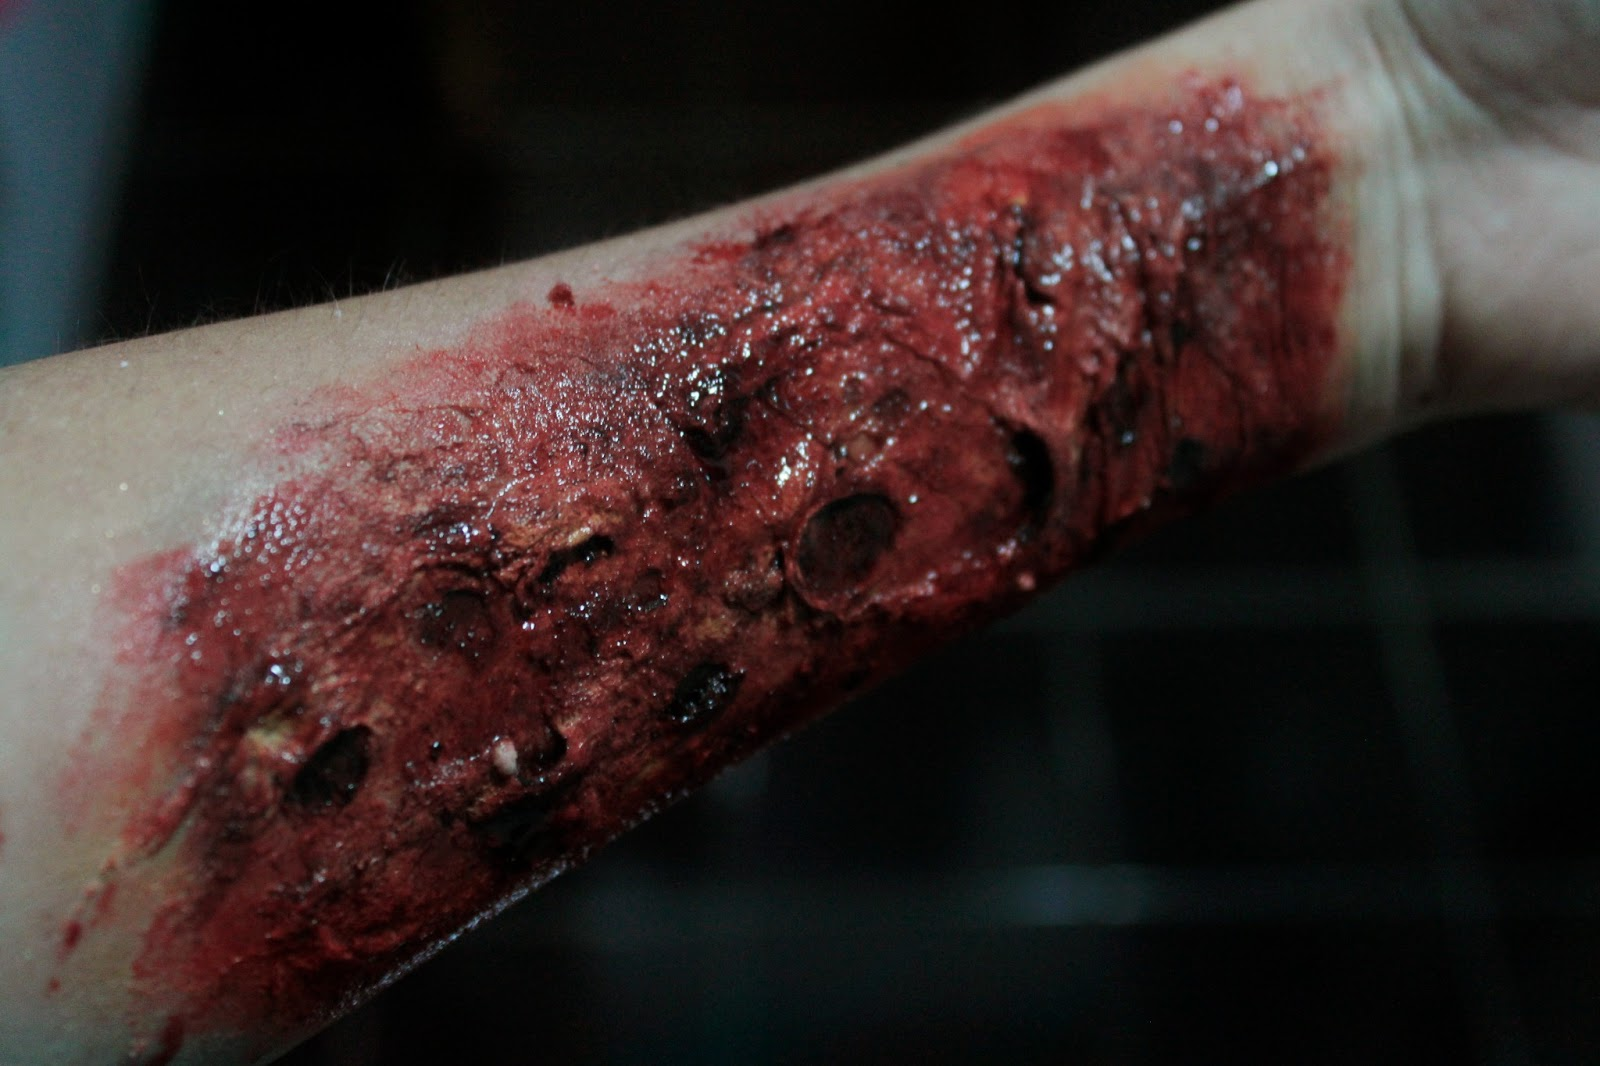 FX Makeup Series: Acid Burns